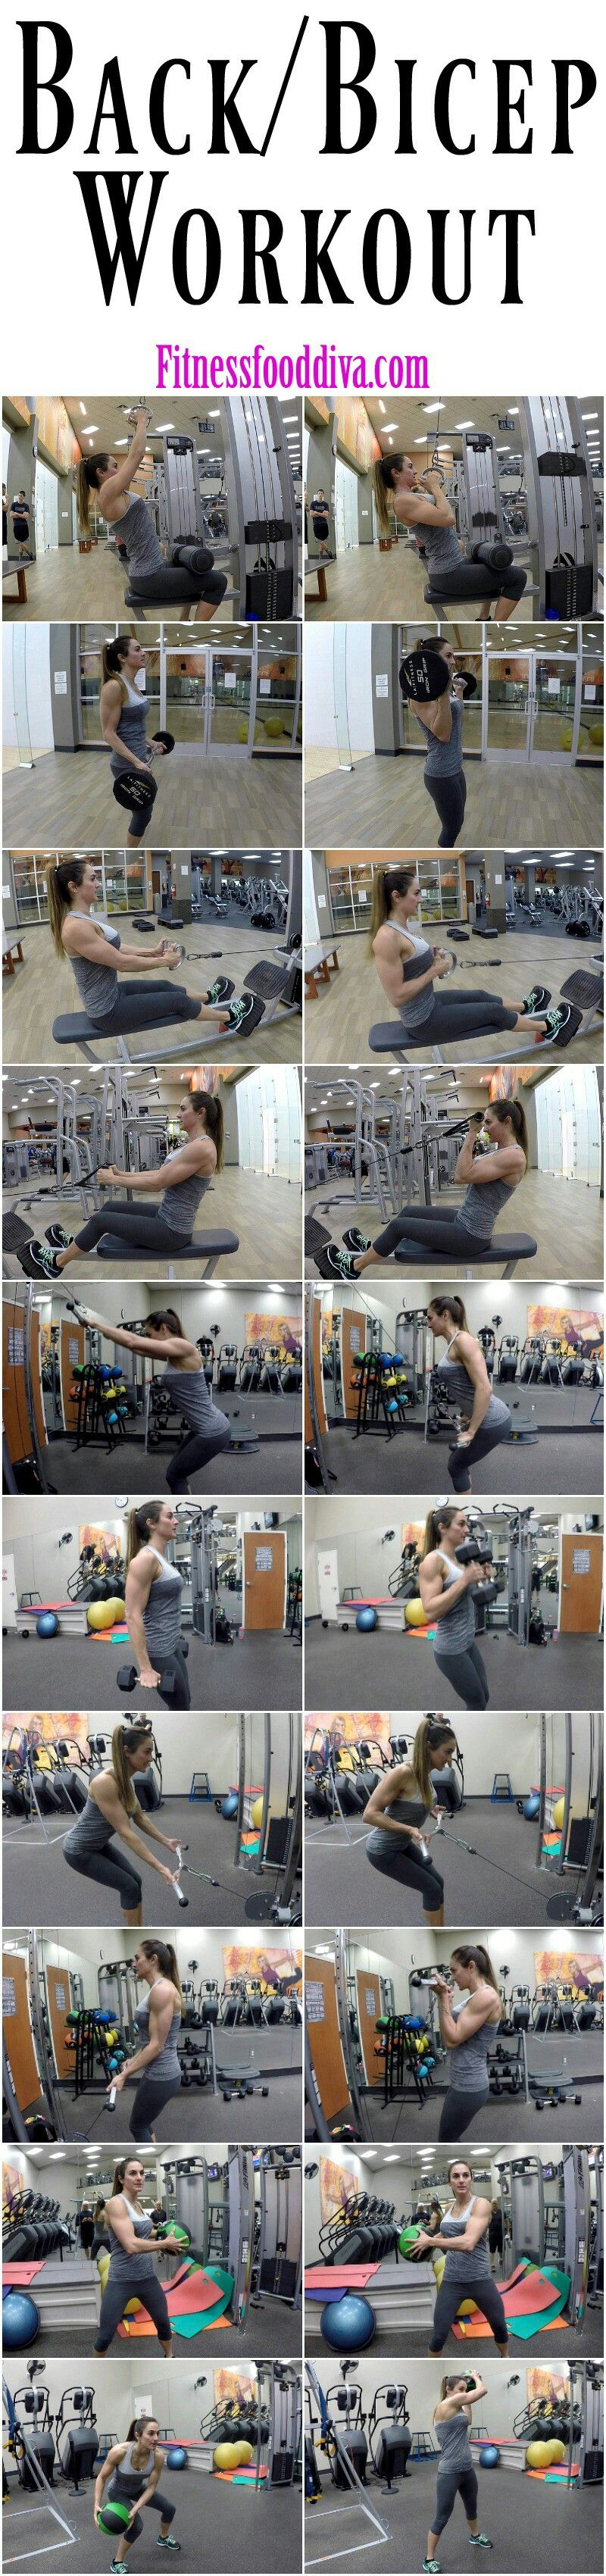 17 Ideas De Espalda Y Bíceps Rutinas De Ejercicio Ejercicios Entrenamiento